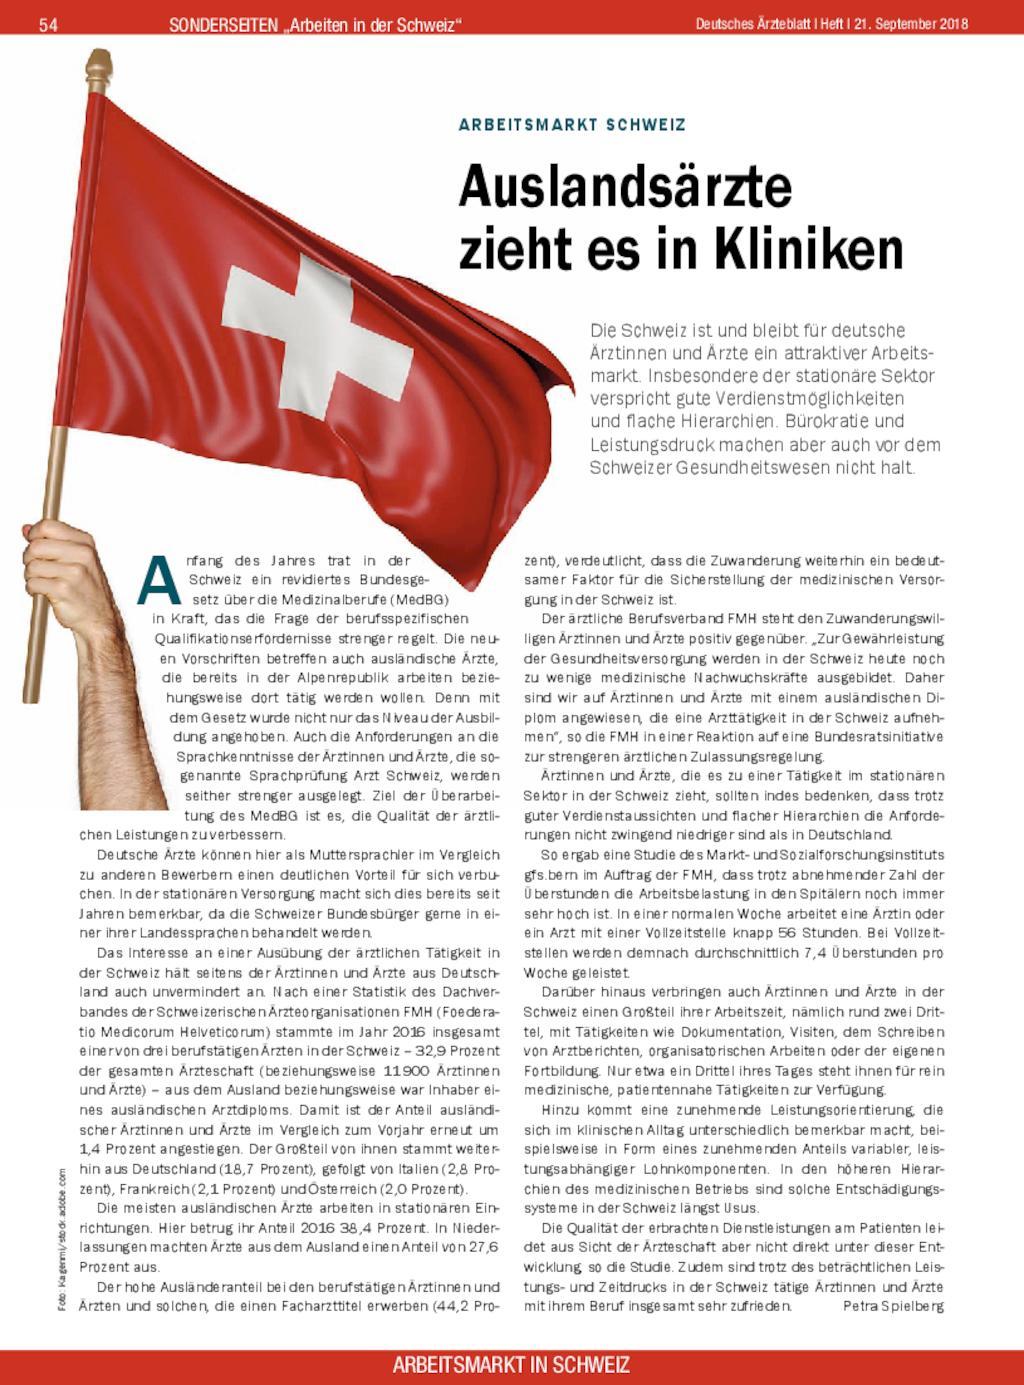 Arbeitsmarkt Schweiz Auslandsärzte Zieht Es In Kliniken